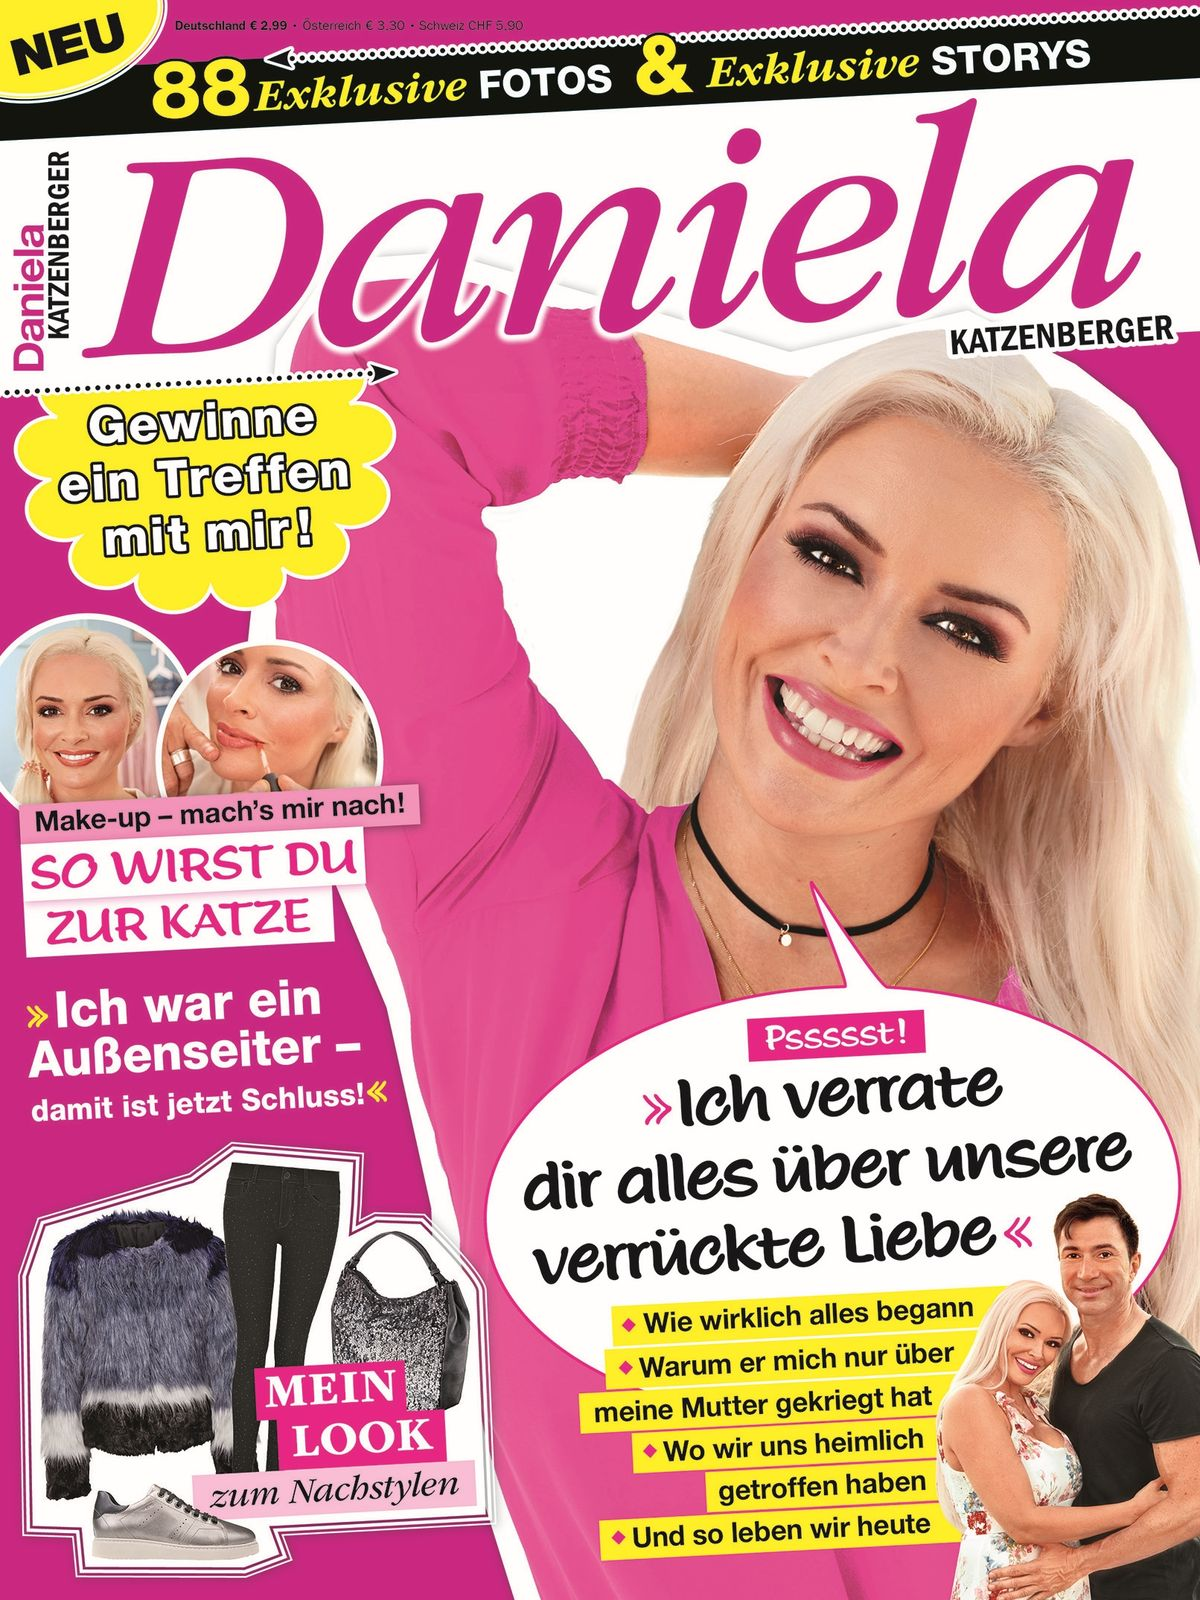 Daniela Katzenberger als Magazin